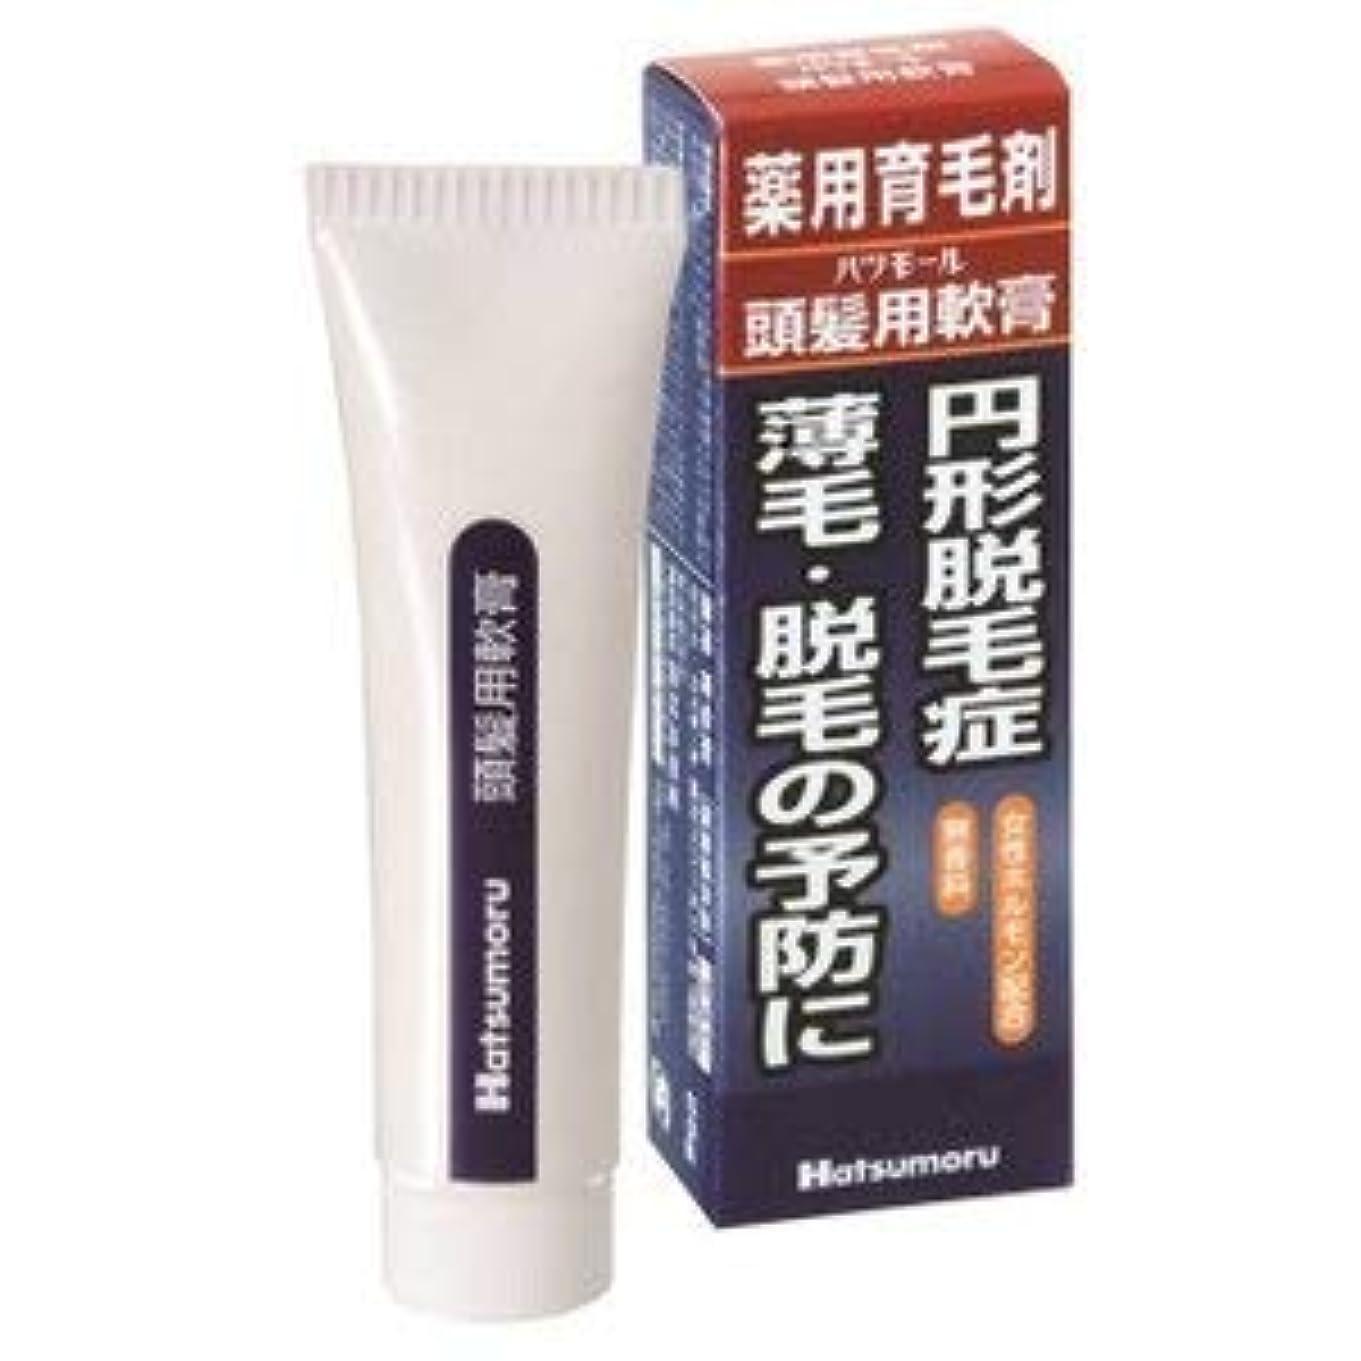 コーナー散文したい【田村治照堂】ハツモール 頭髪用軟膏 25g×2個セット